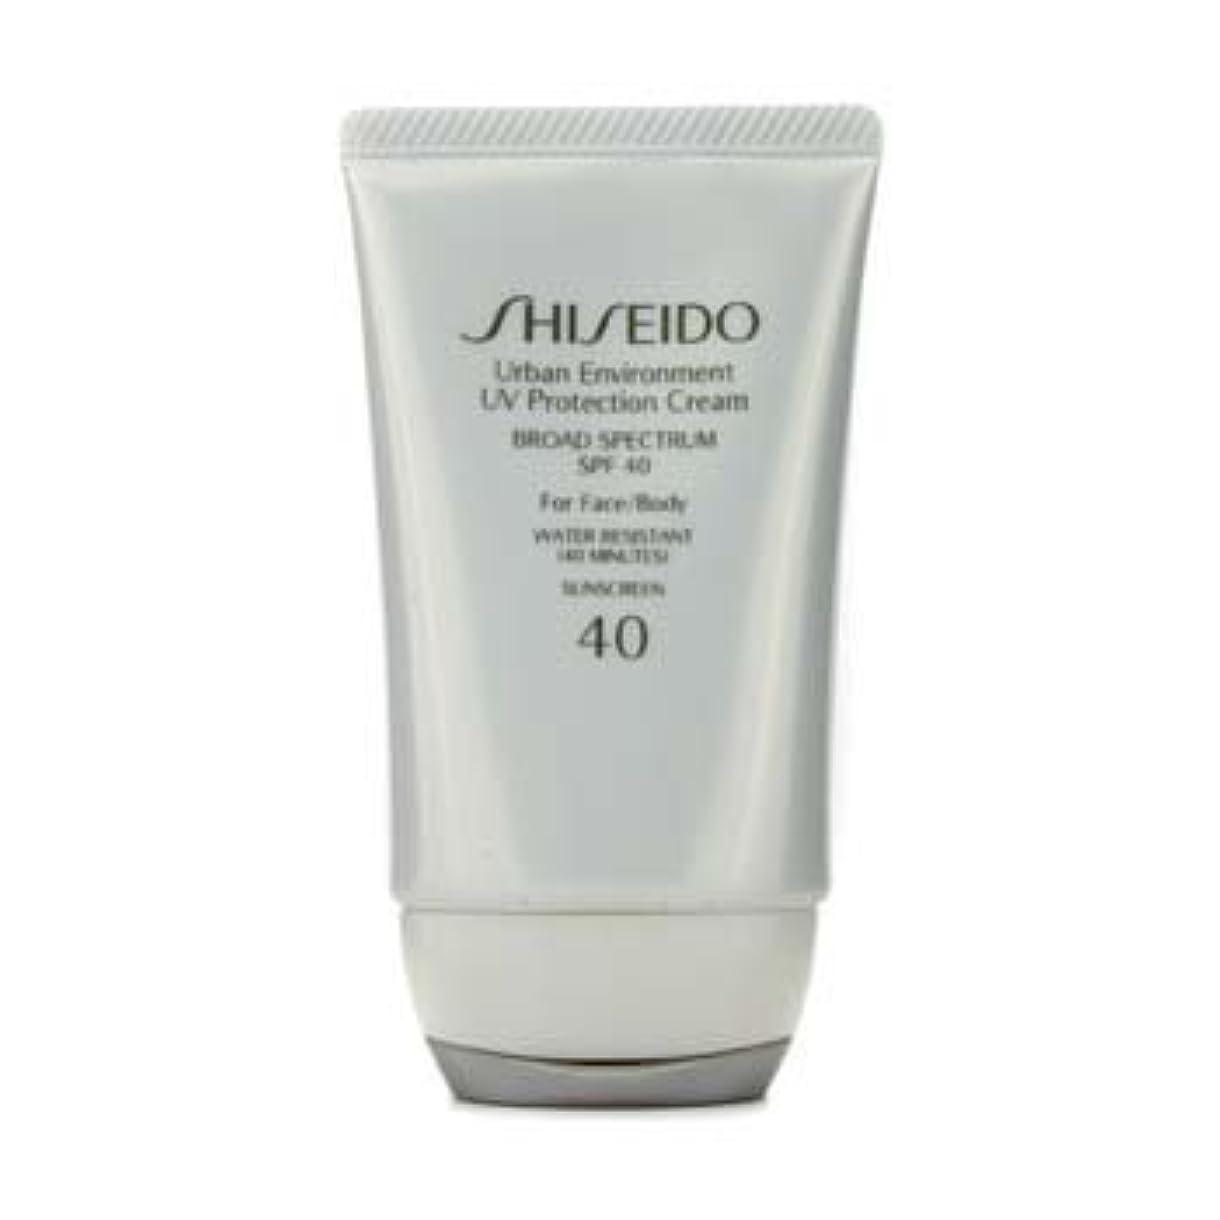 細いヤギ変形するShiseido Urban Environment UV Protection Cream SPF 40 (For Face & Body) - 50ml/1.9oz by Shiseido [並行輸入品]